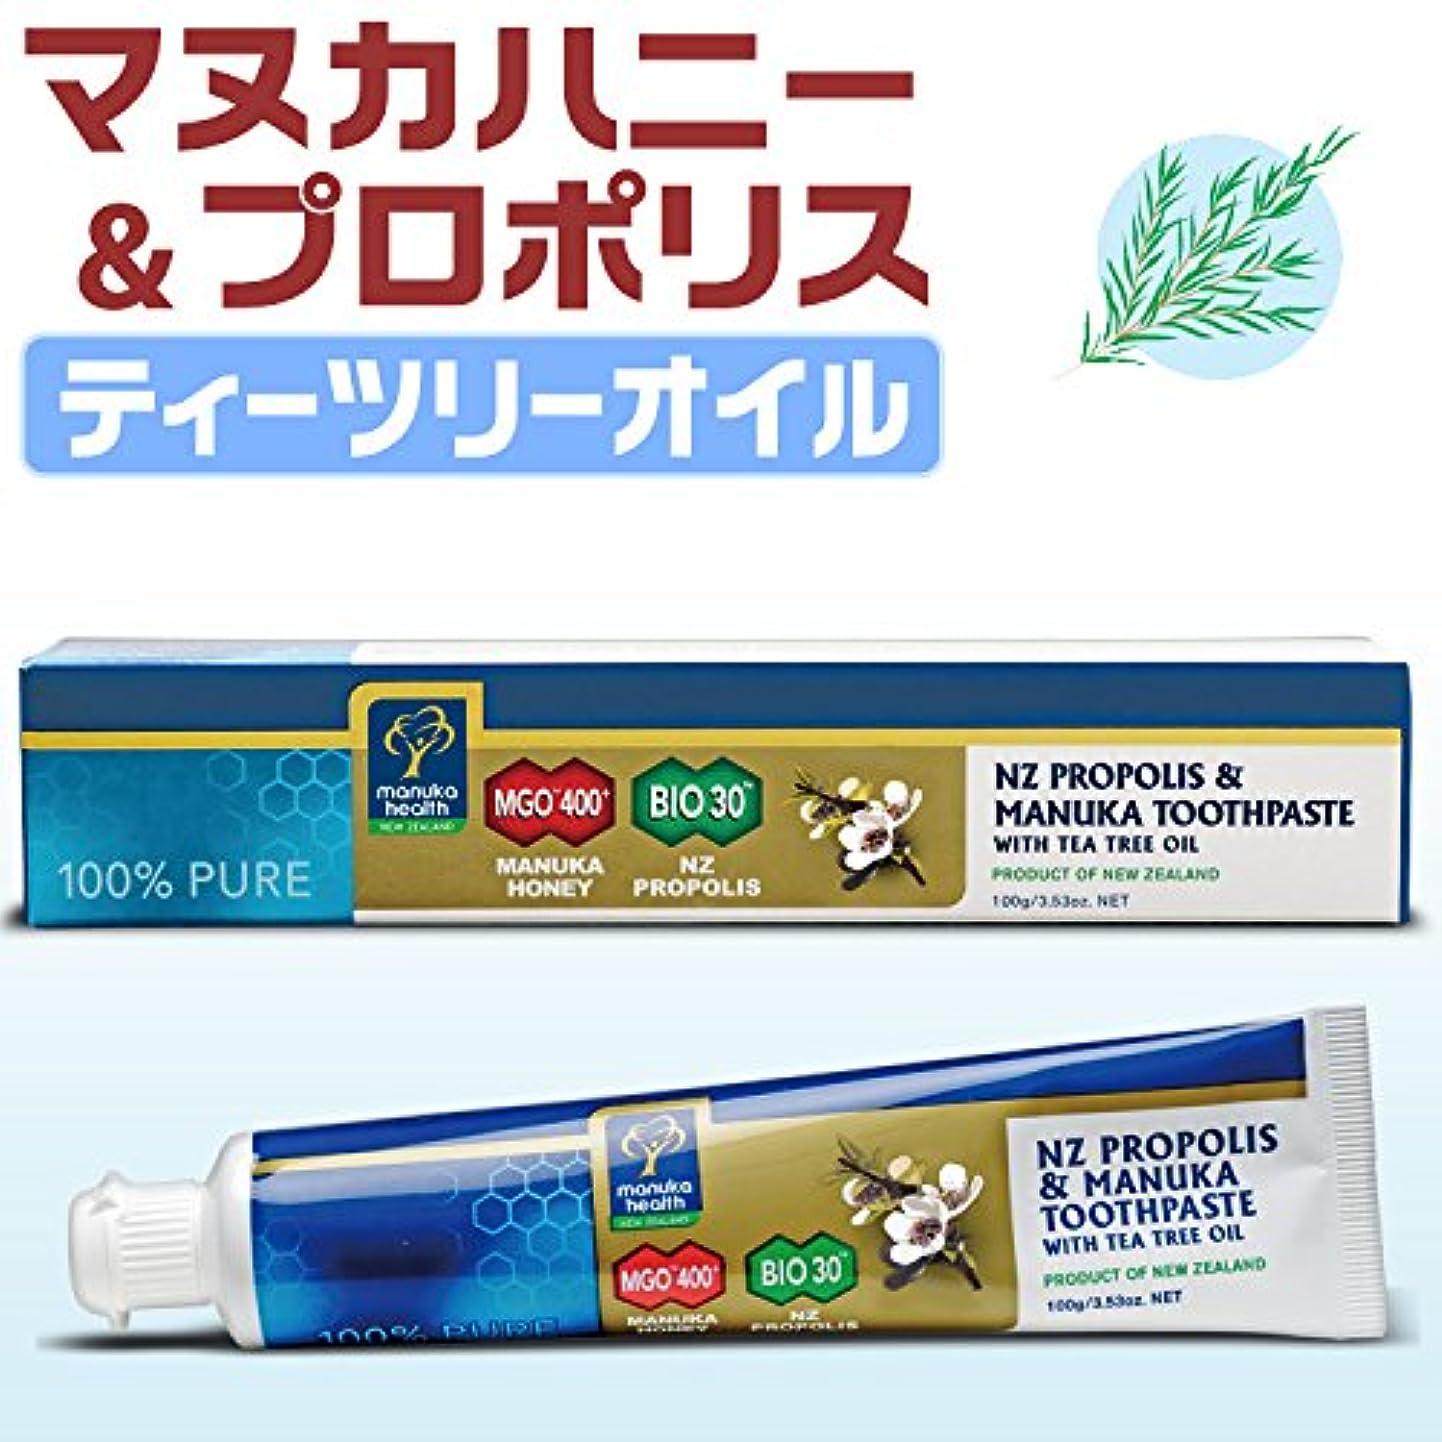 ハーブ車薬を飲むプロポリス&マヌカハニー MGO400+ ティーツリーオイル 歯磨き粉 [100g]青